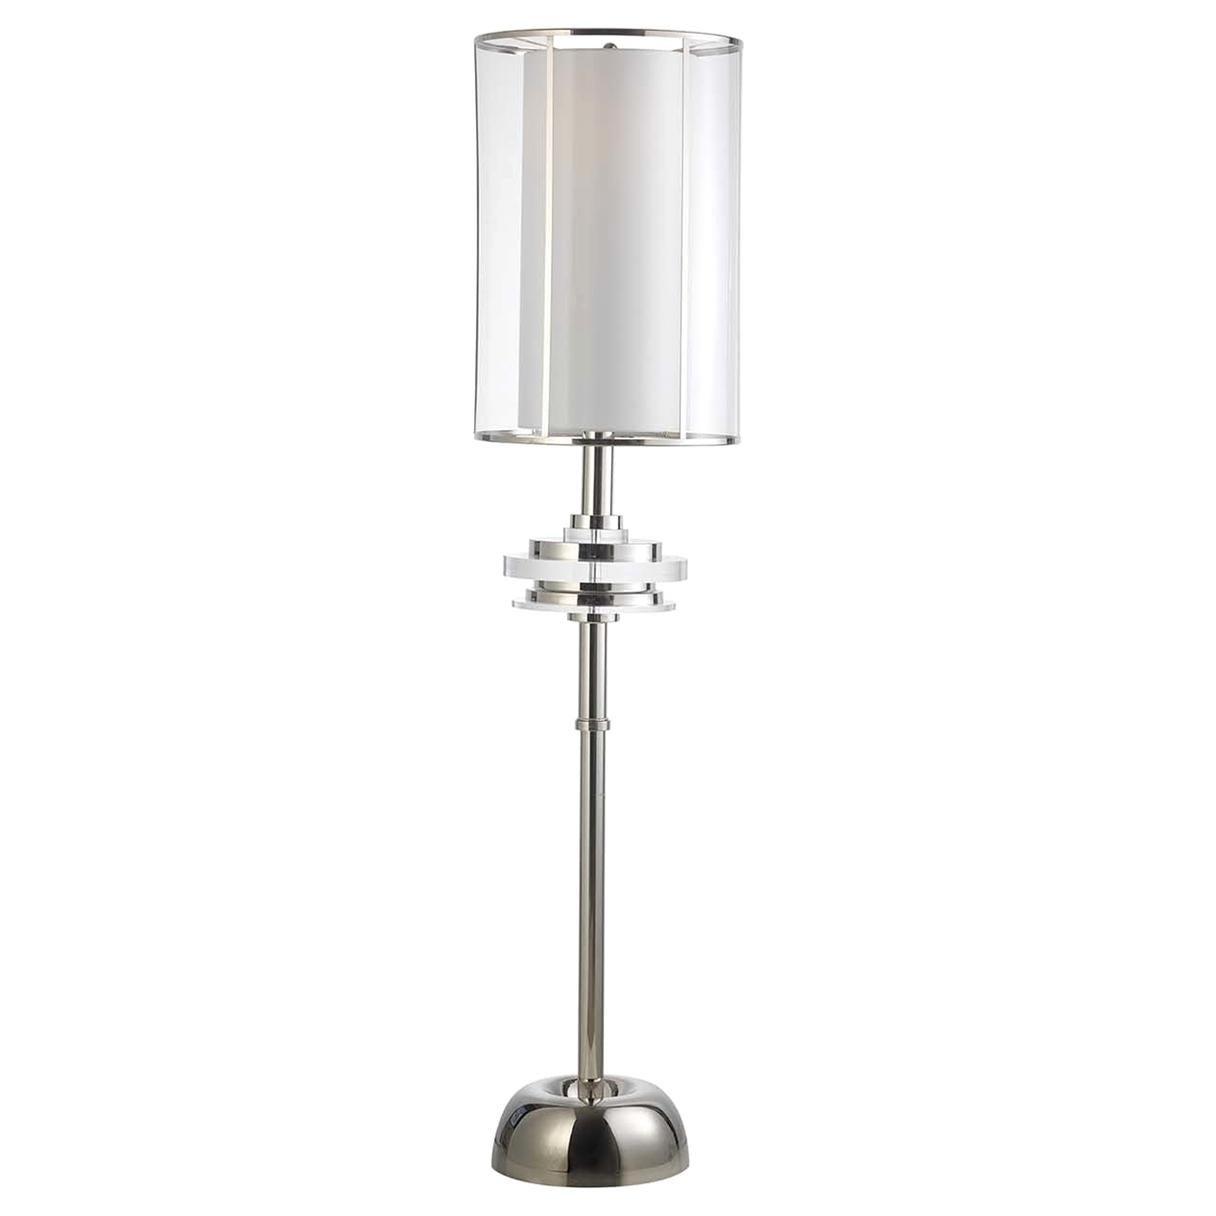 Z629 Brass Nickel Floor Lamp